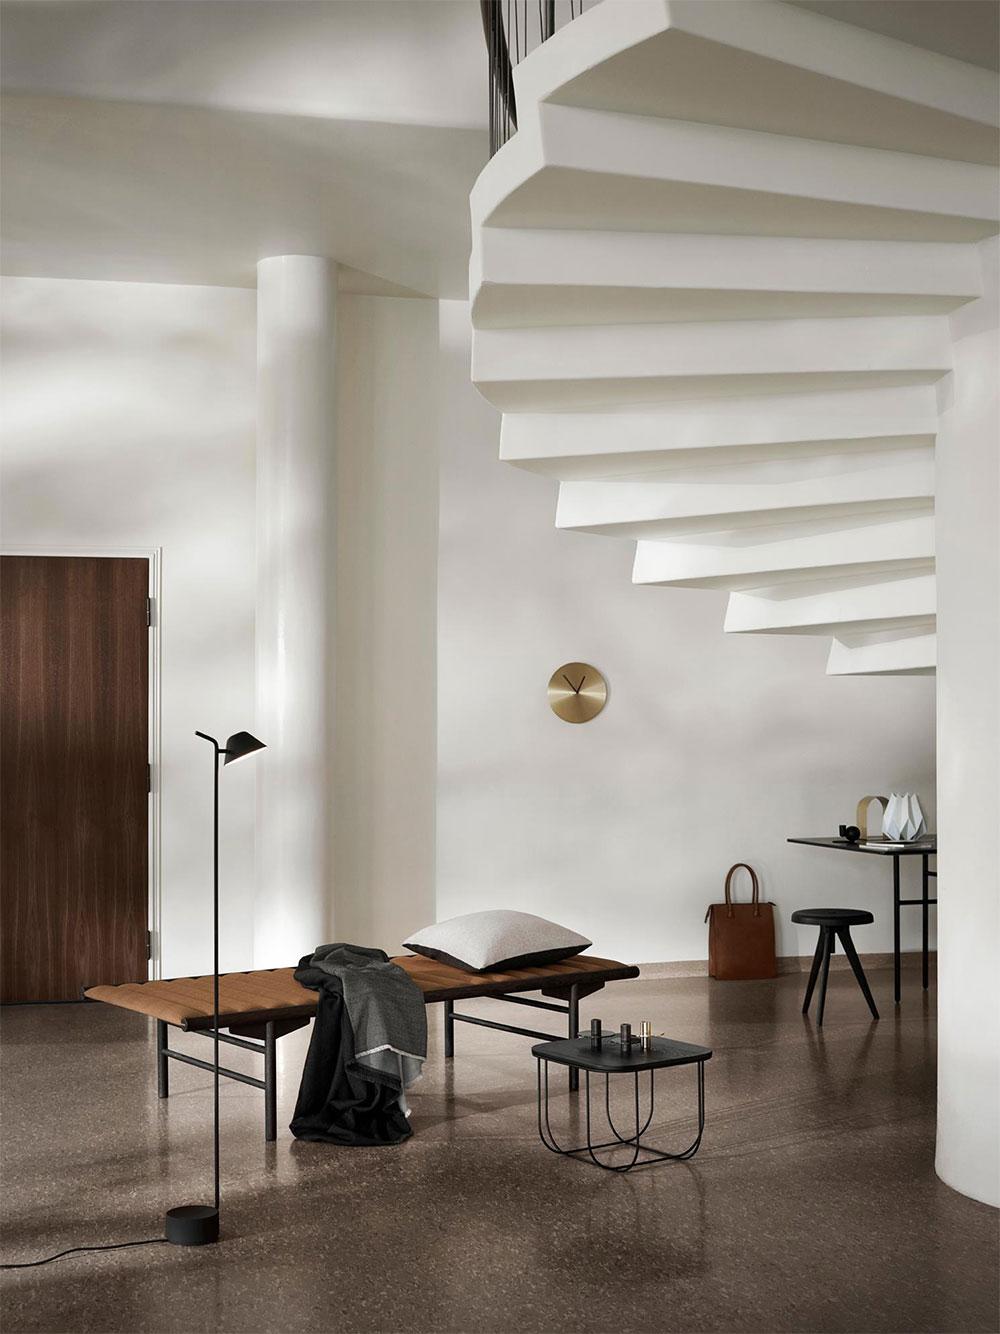 Menu-Design-Modernism-Reimagnied-Collection-2016-11